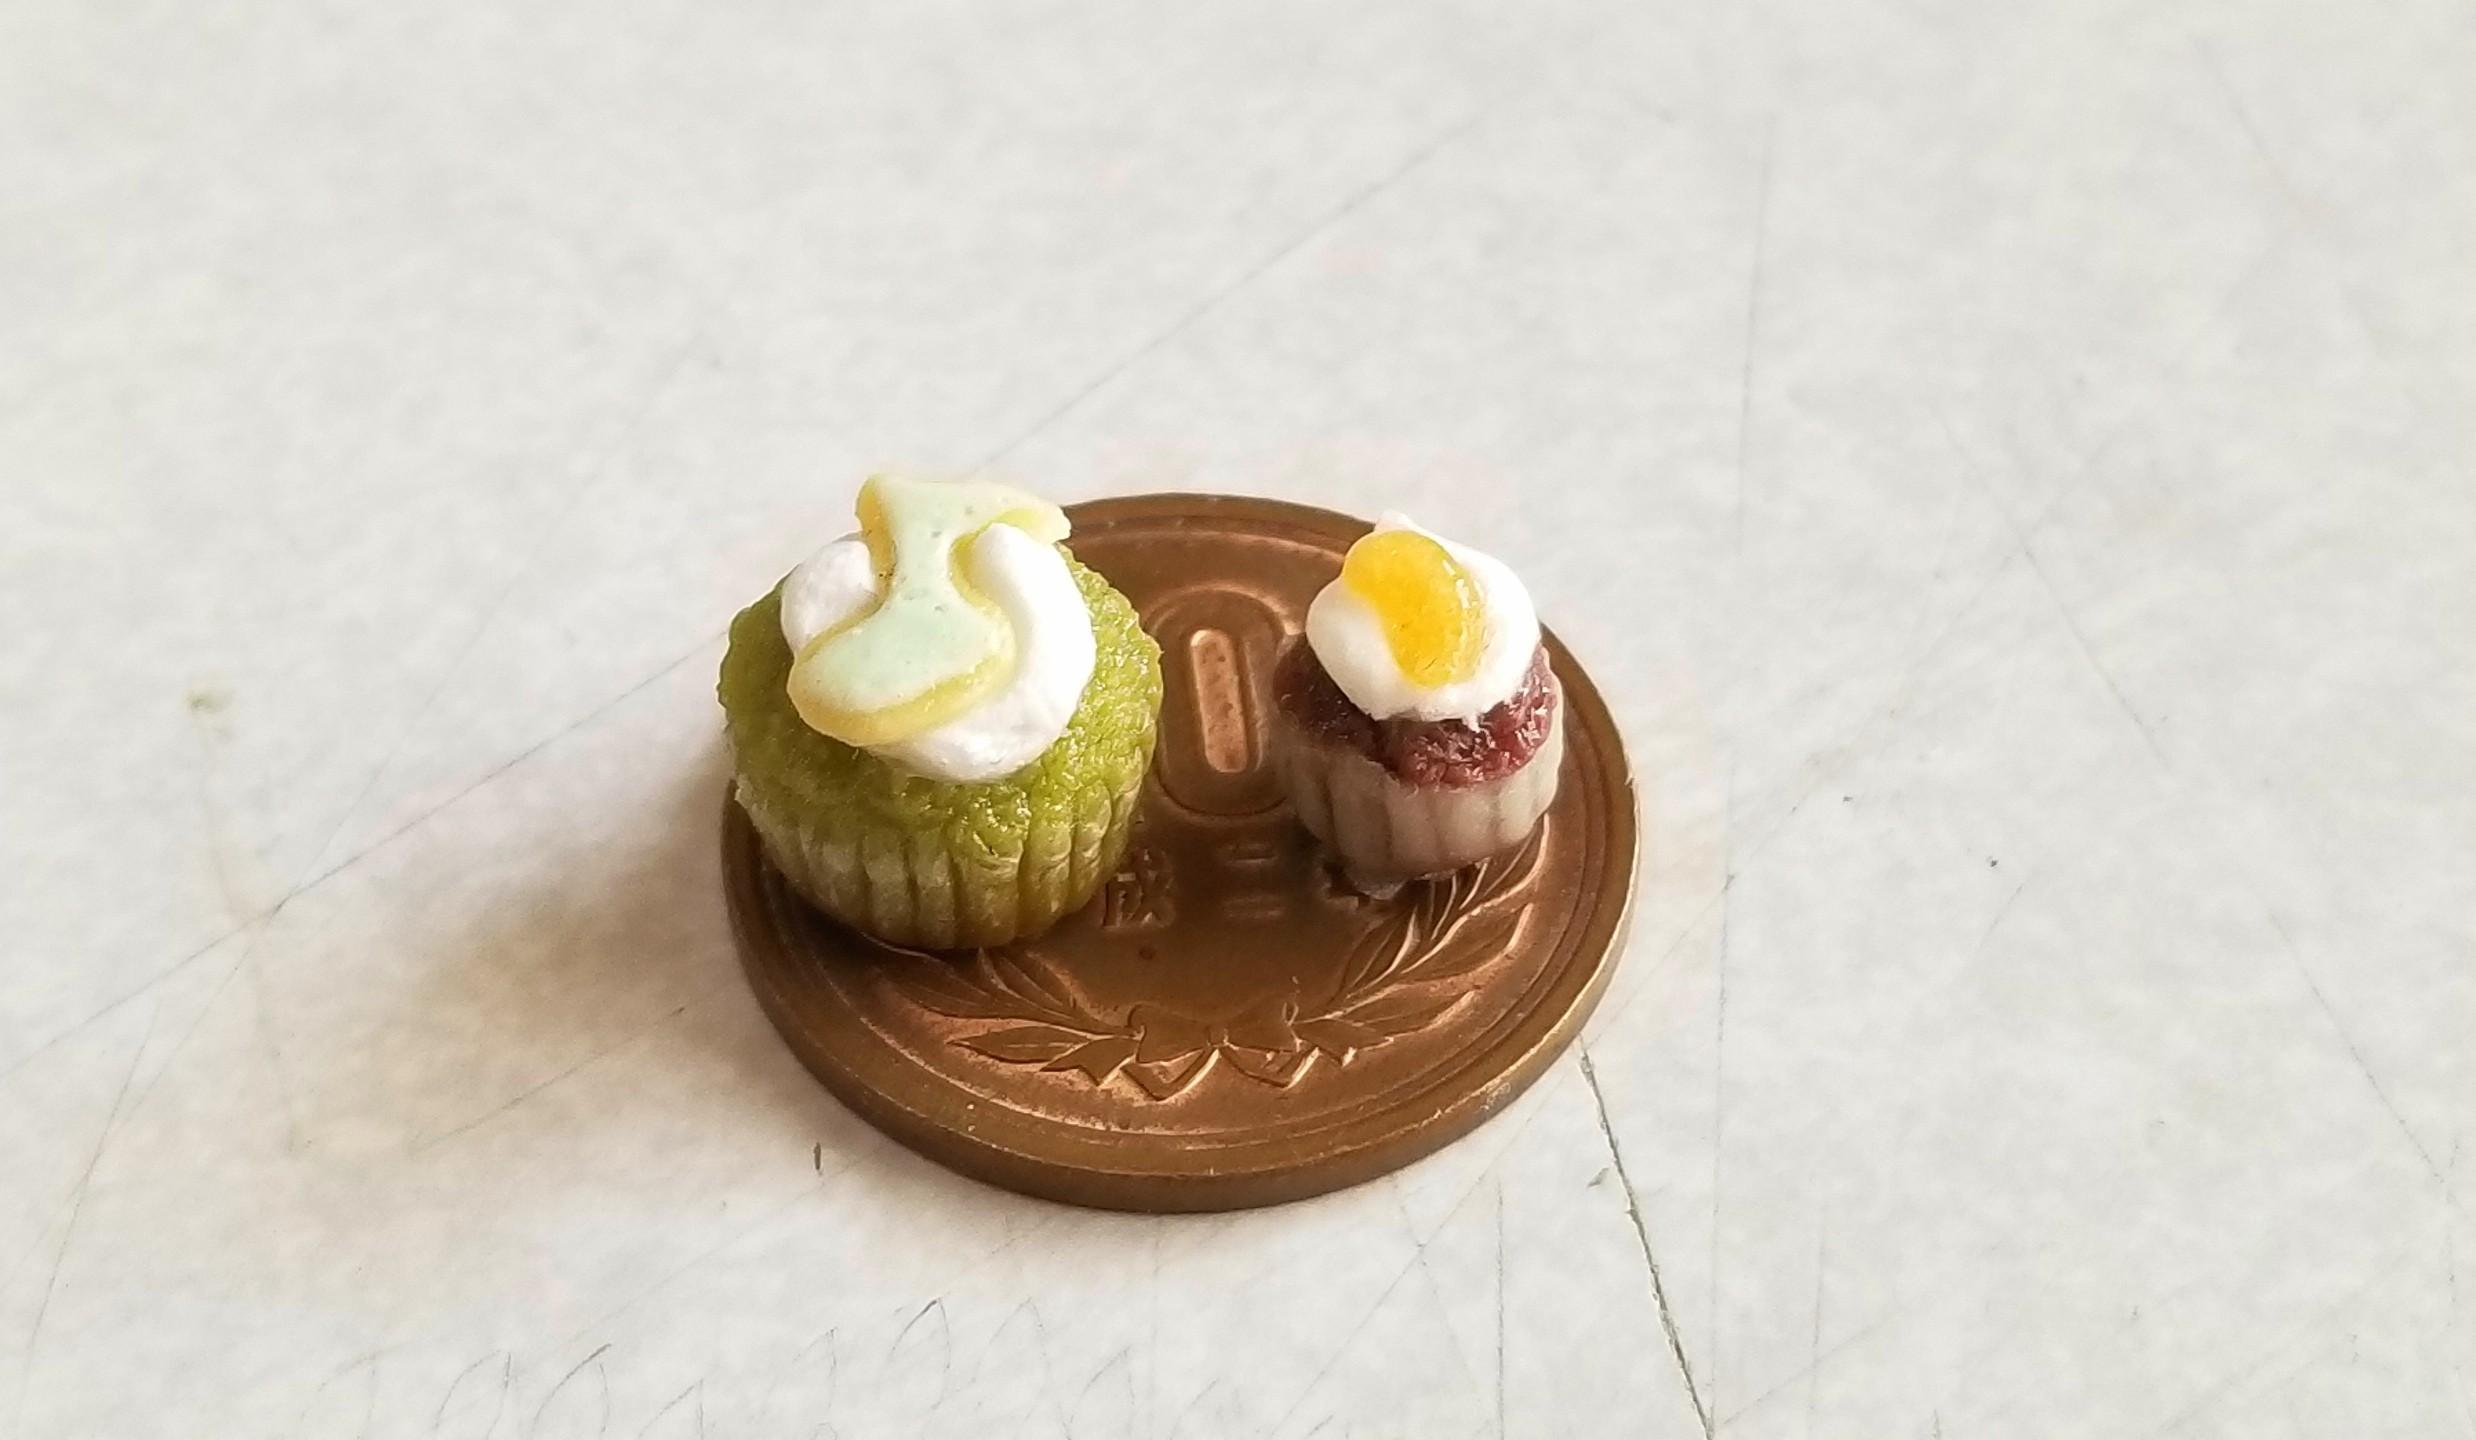 カップケーキ,ミニチュアフード,ドールハウス,食品サンプル,ドール